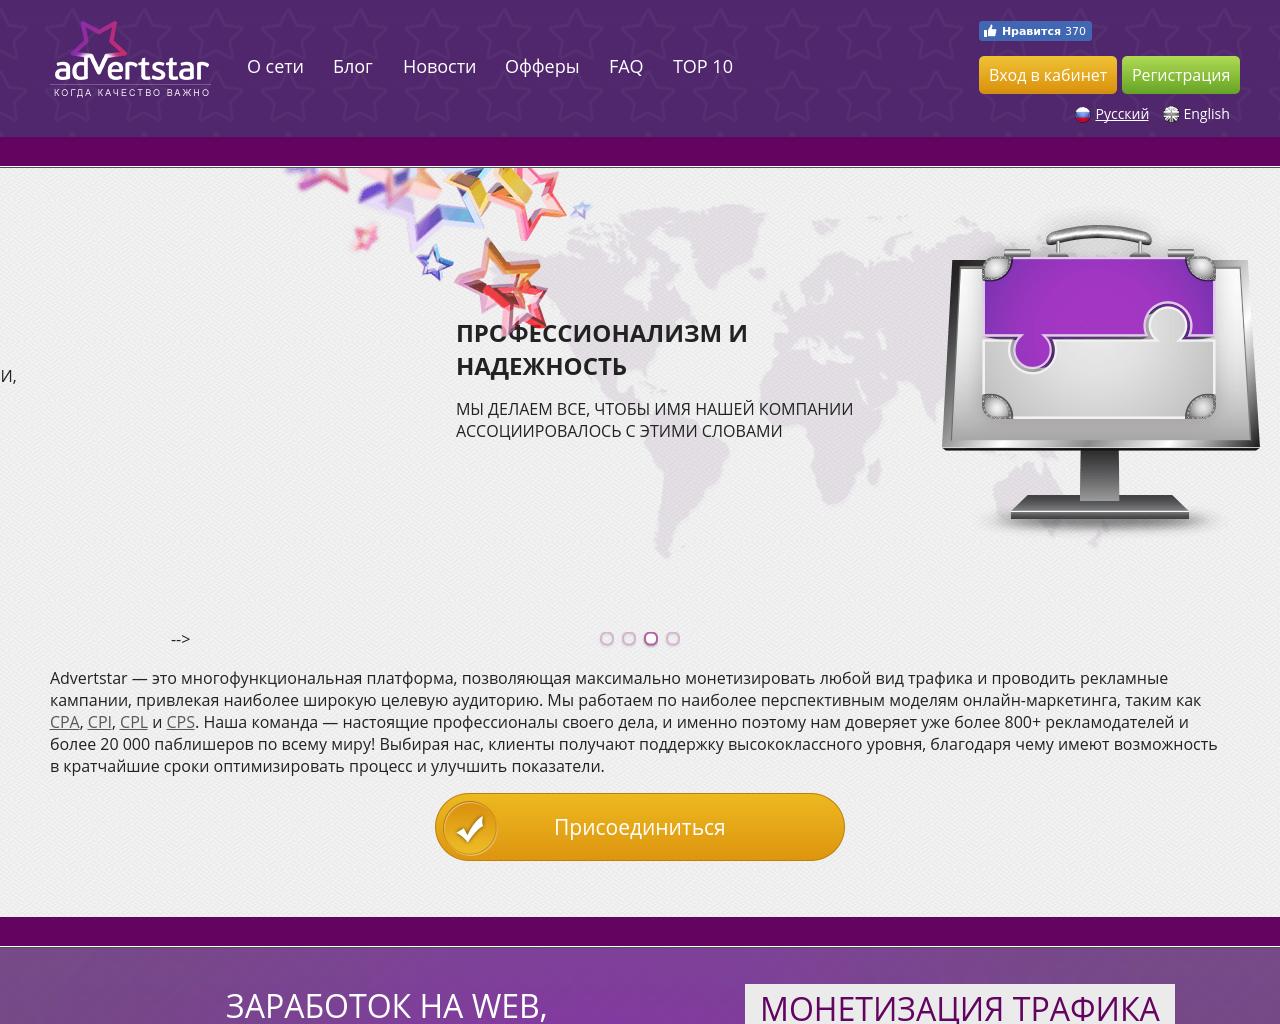 AdvertStar-Advertising-Reviews-Pricing